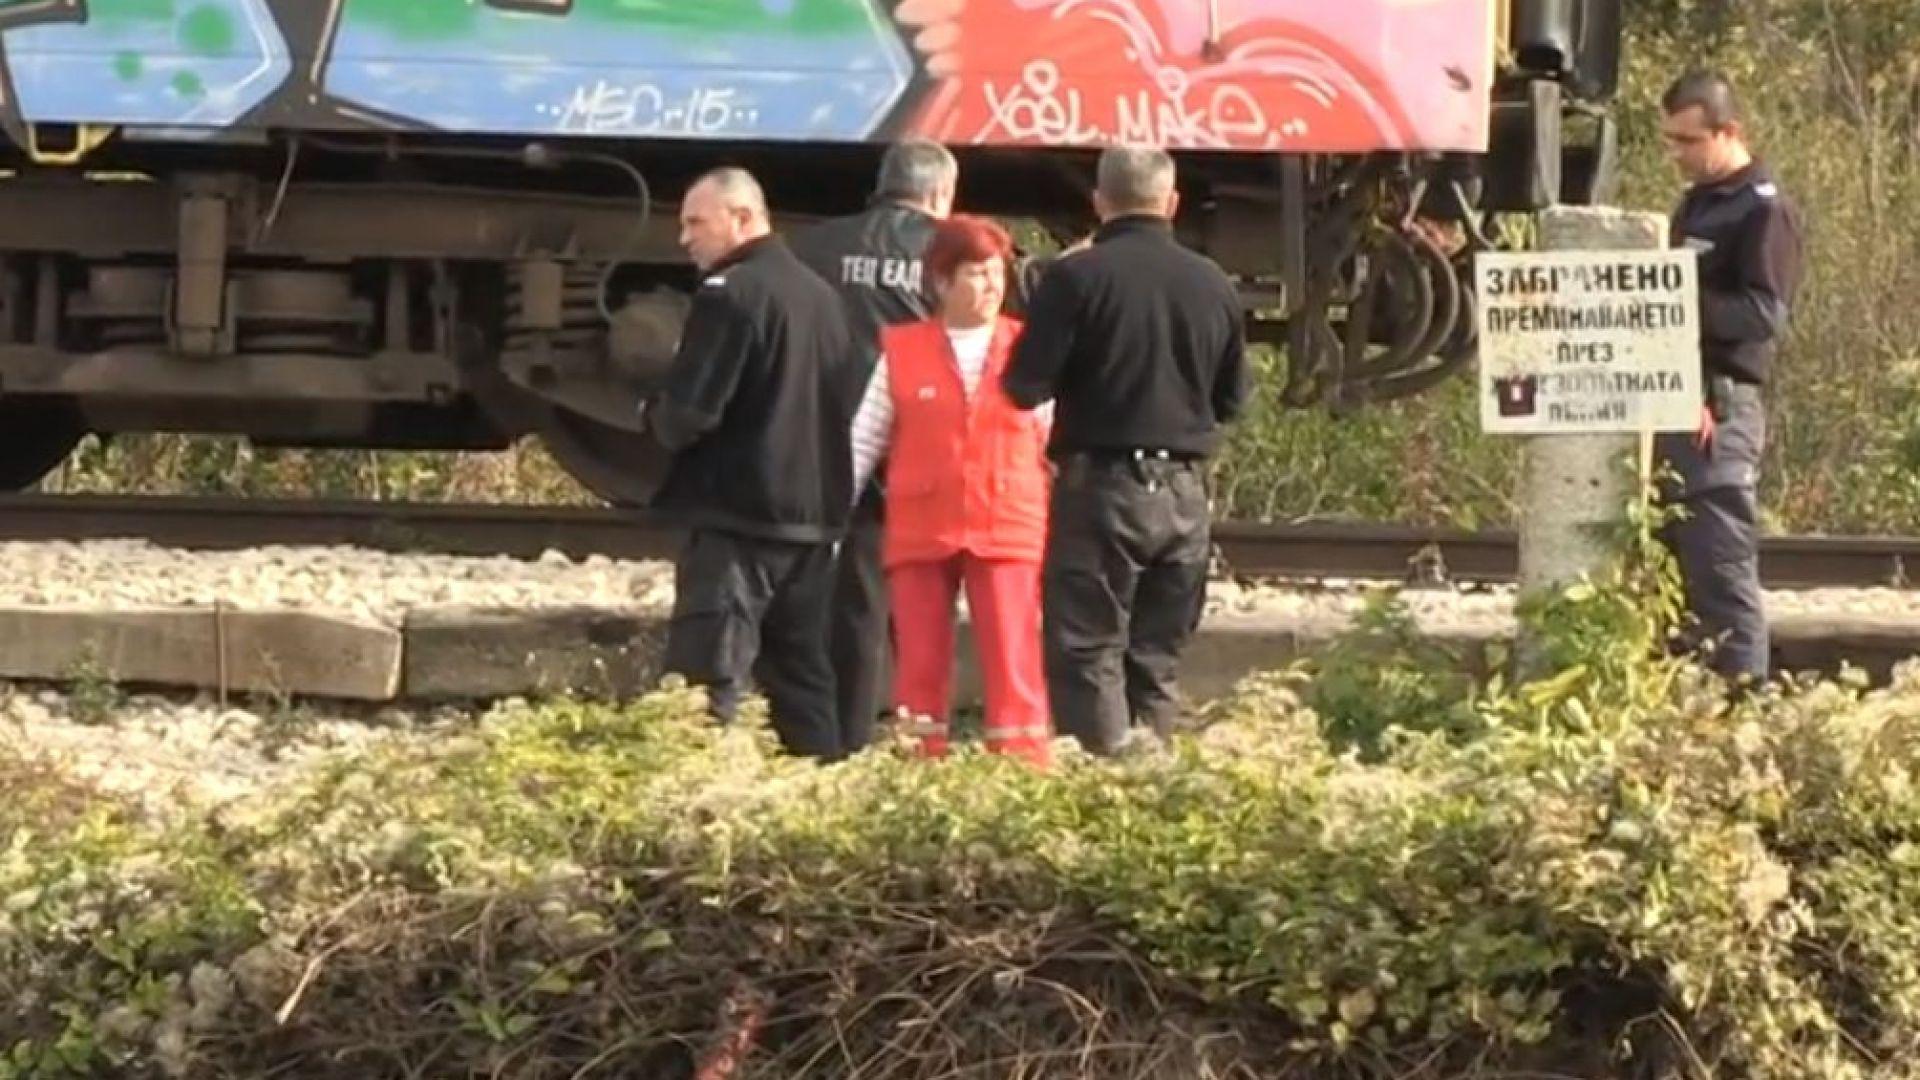 Влак удари жена на мястото, където загина 13-годишният Виктор